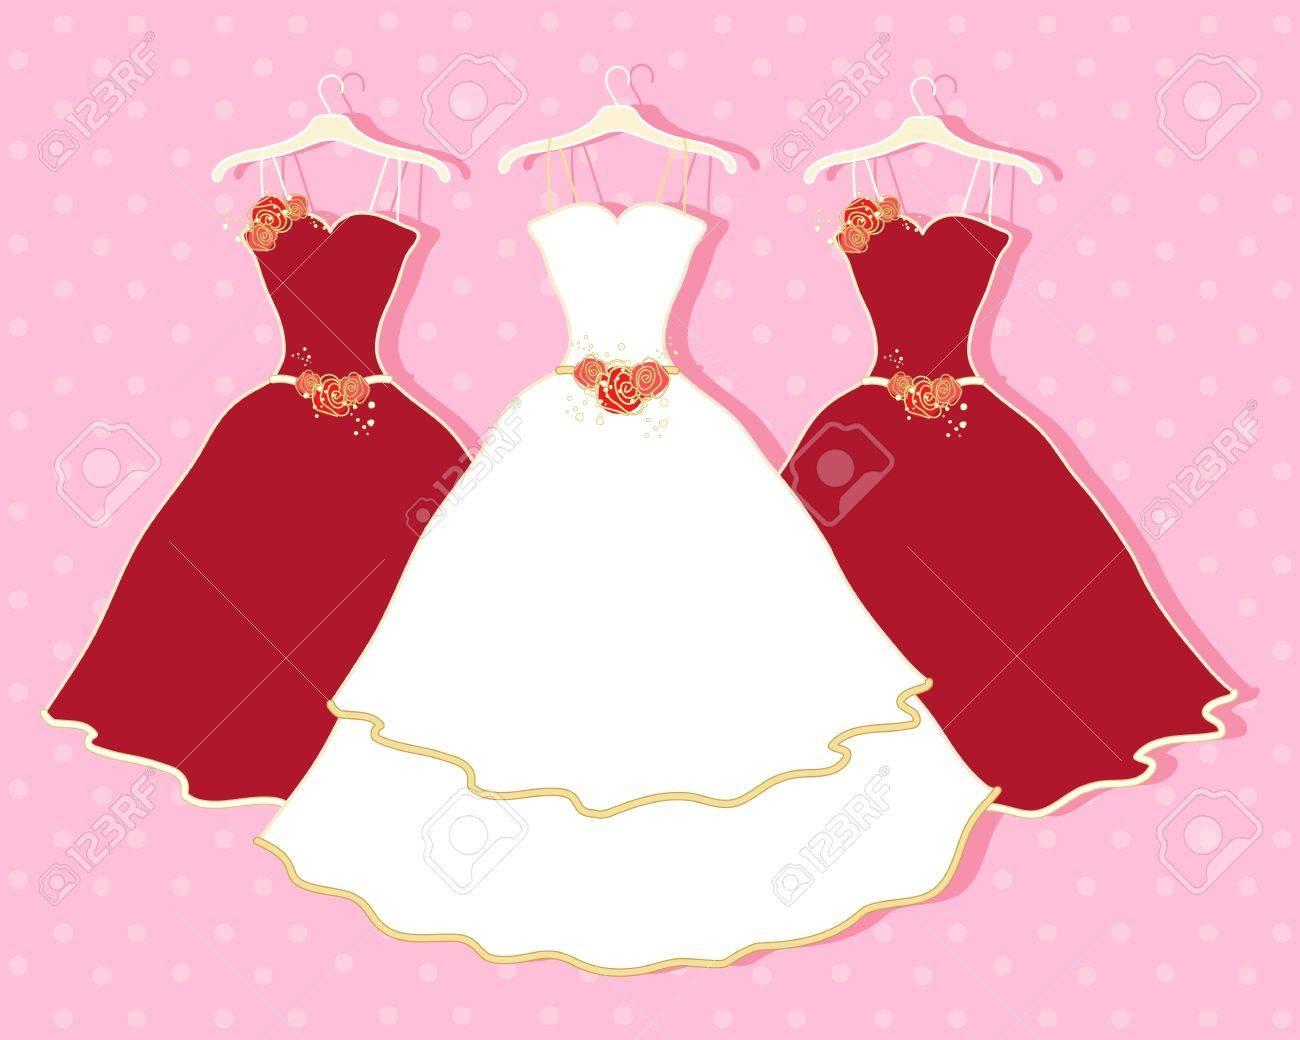 Una Ilustración De Un Vestido De Novia Blanco Y Dos Vestidos De Dama ...